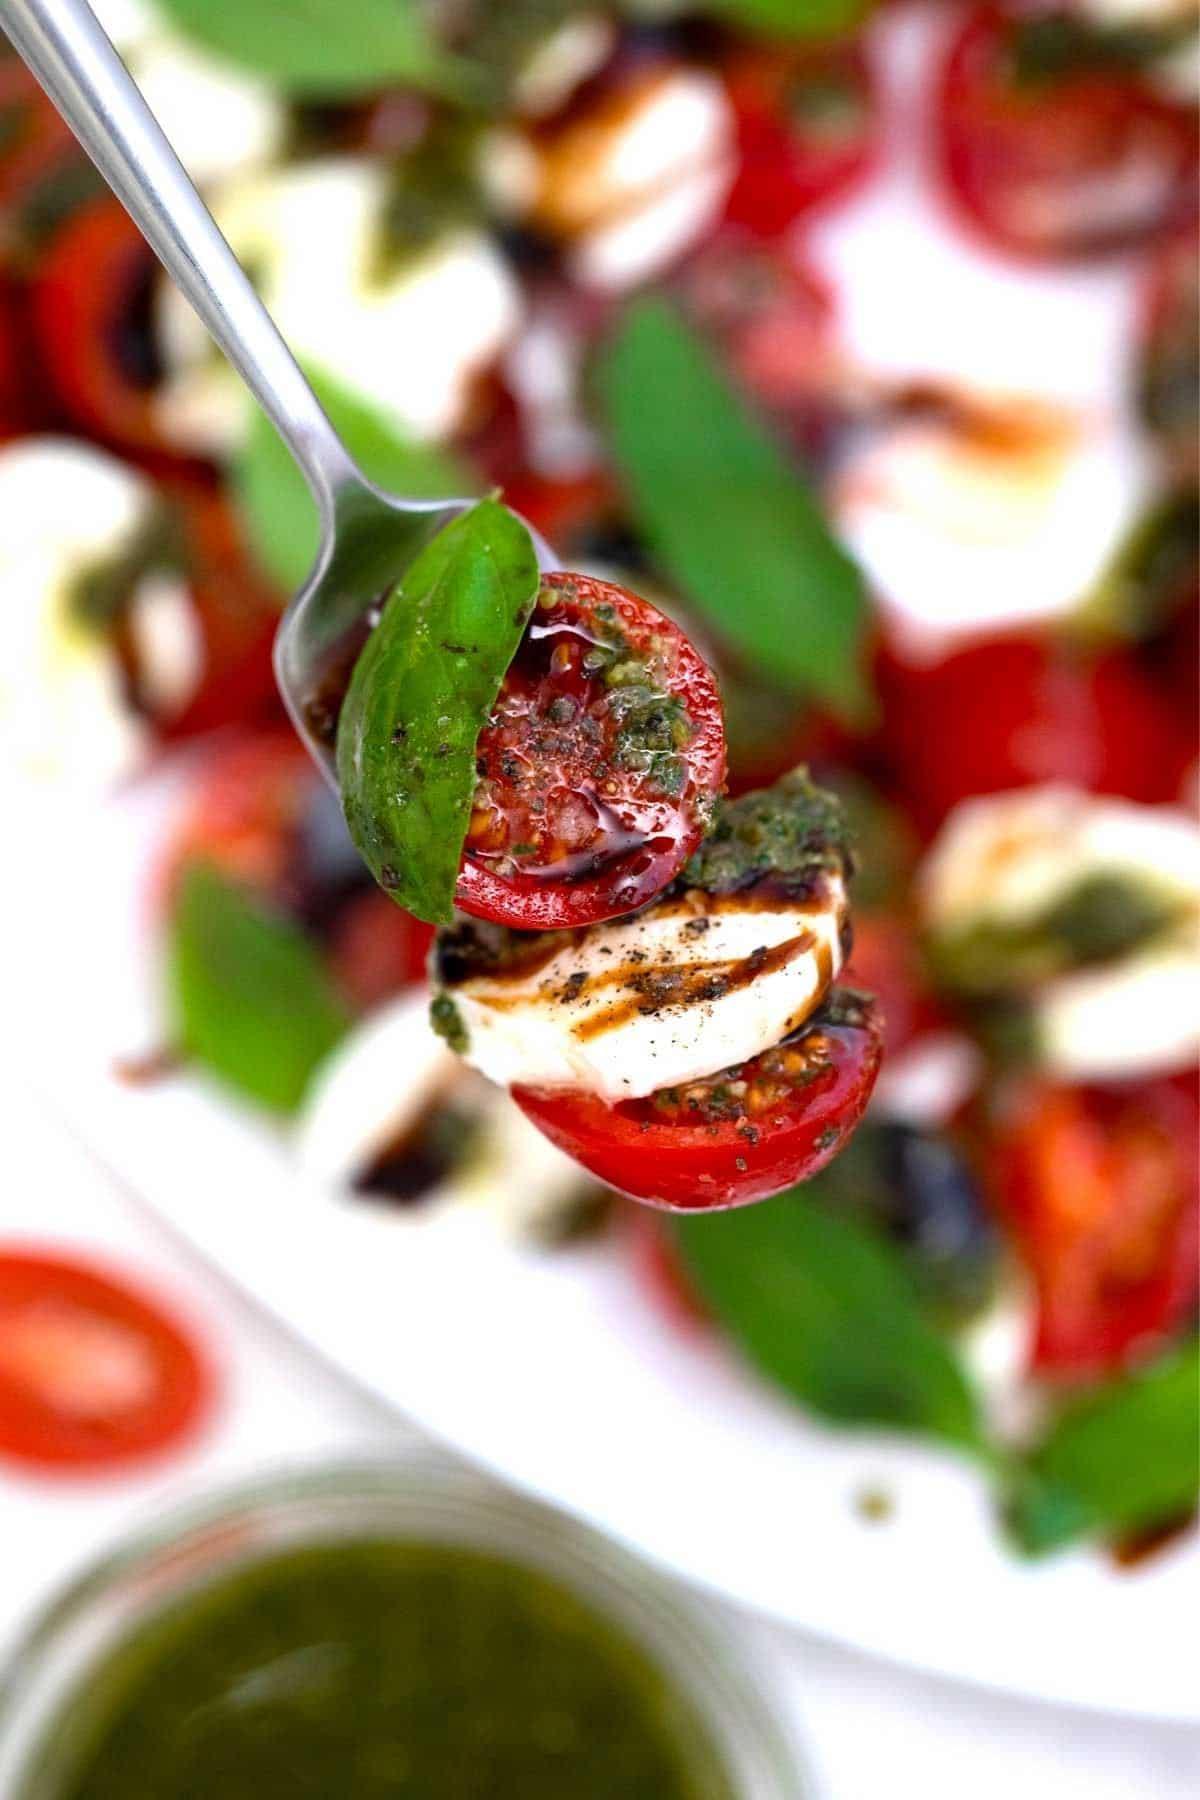 Fork above platter of salad with bite